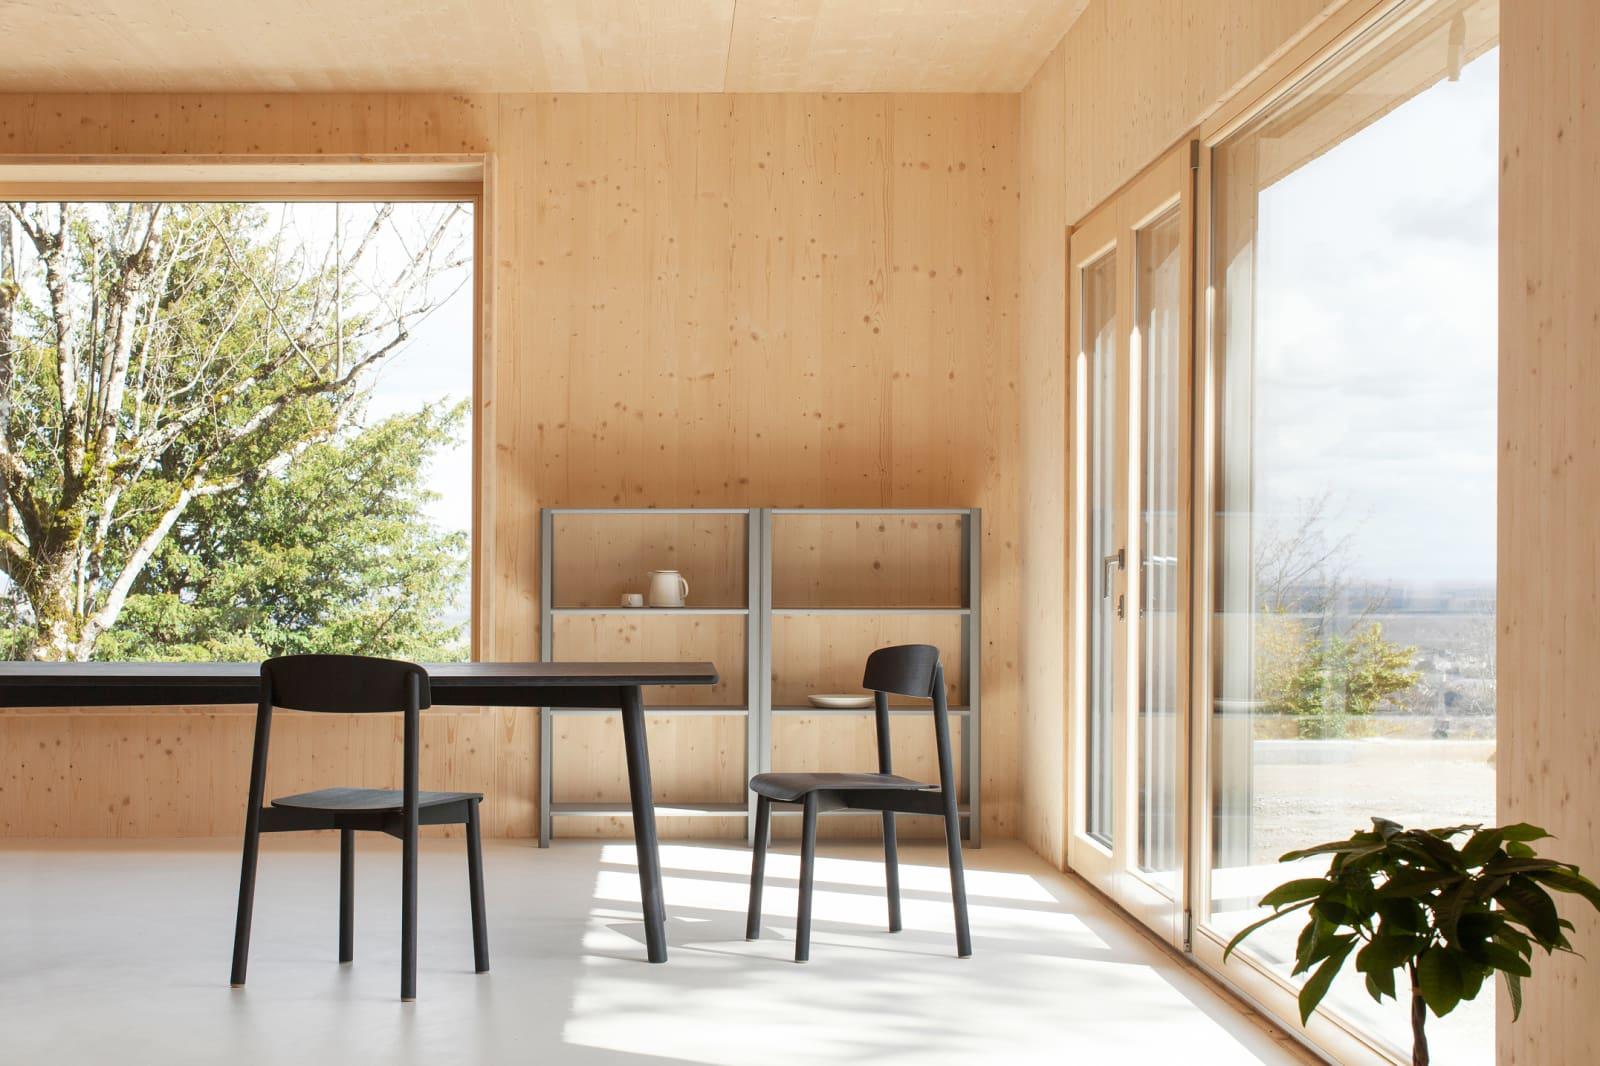 Atelier Ordinaire & Stattmann Neue Möbel